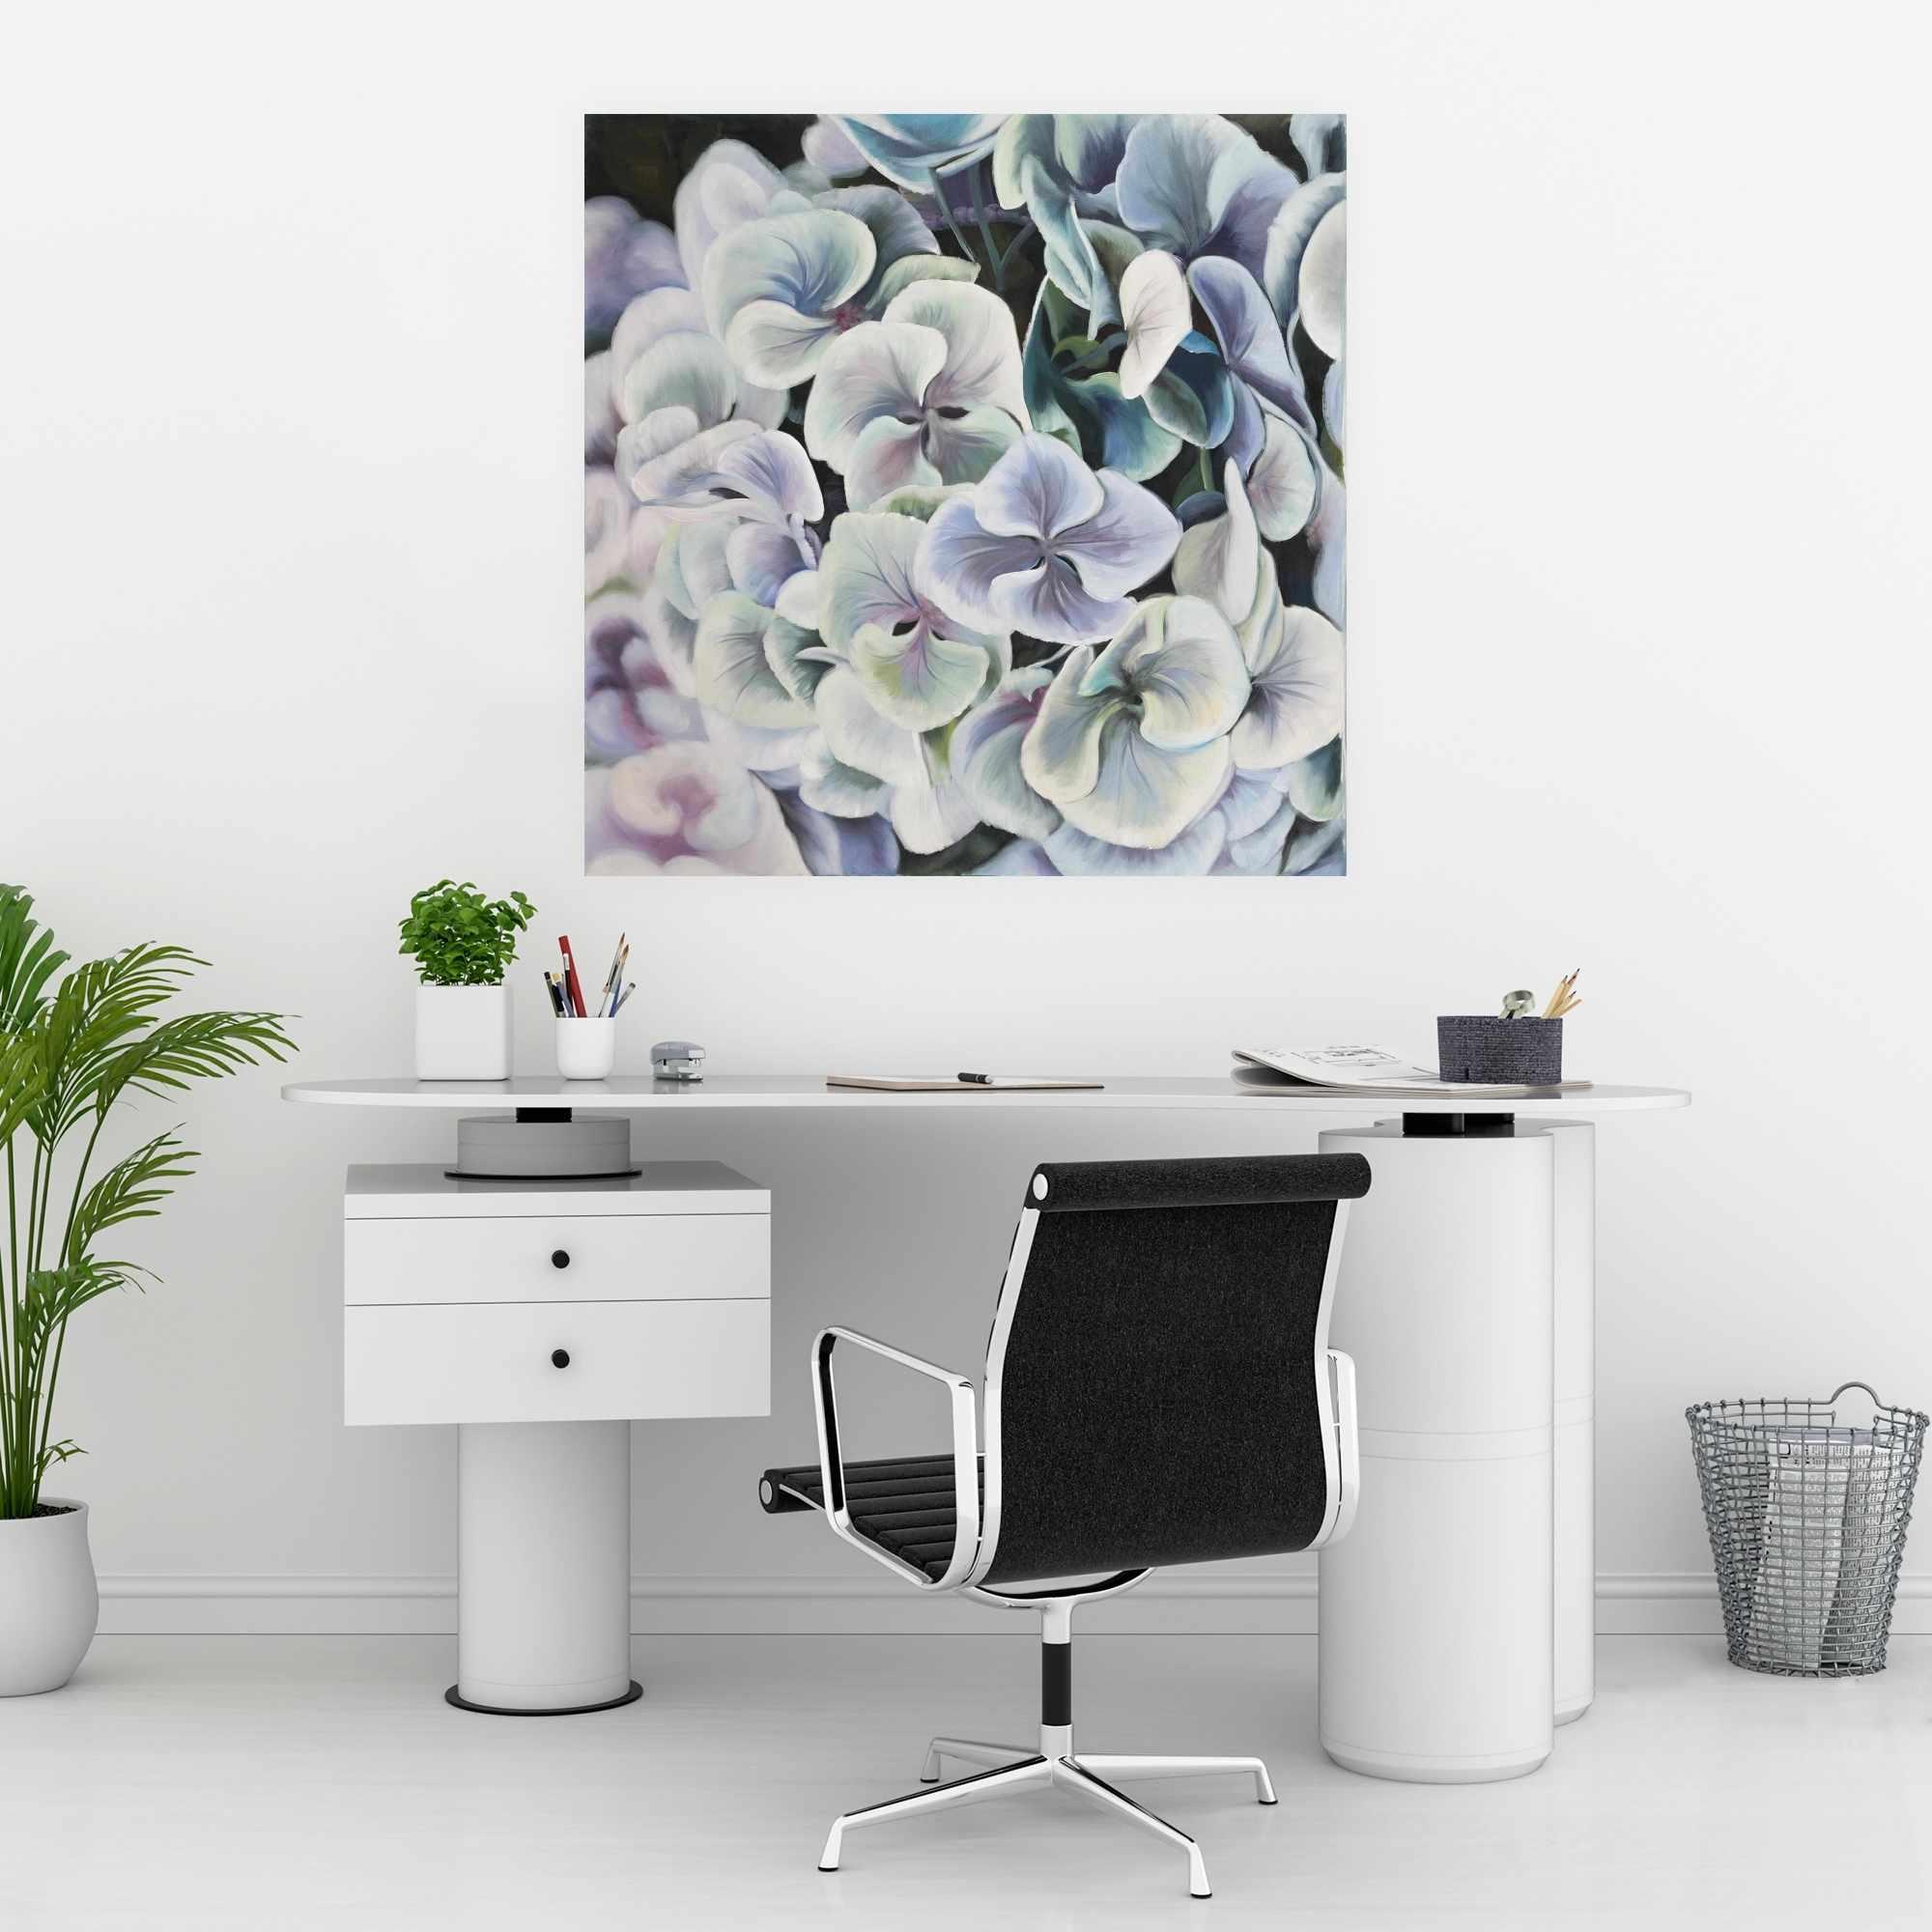 Poster 30 x 30 - Purple hydrangea flowers